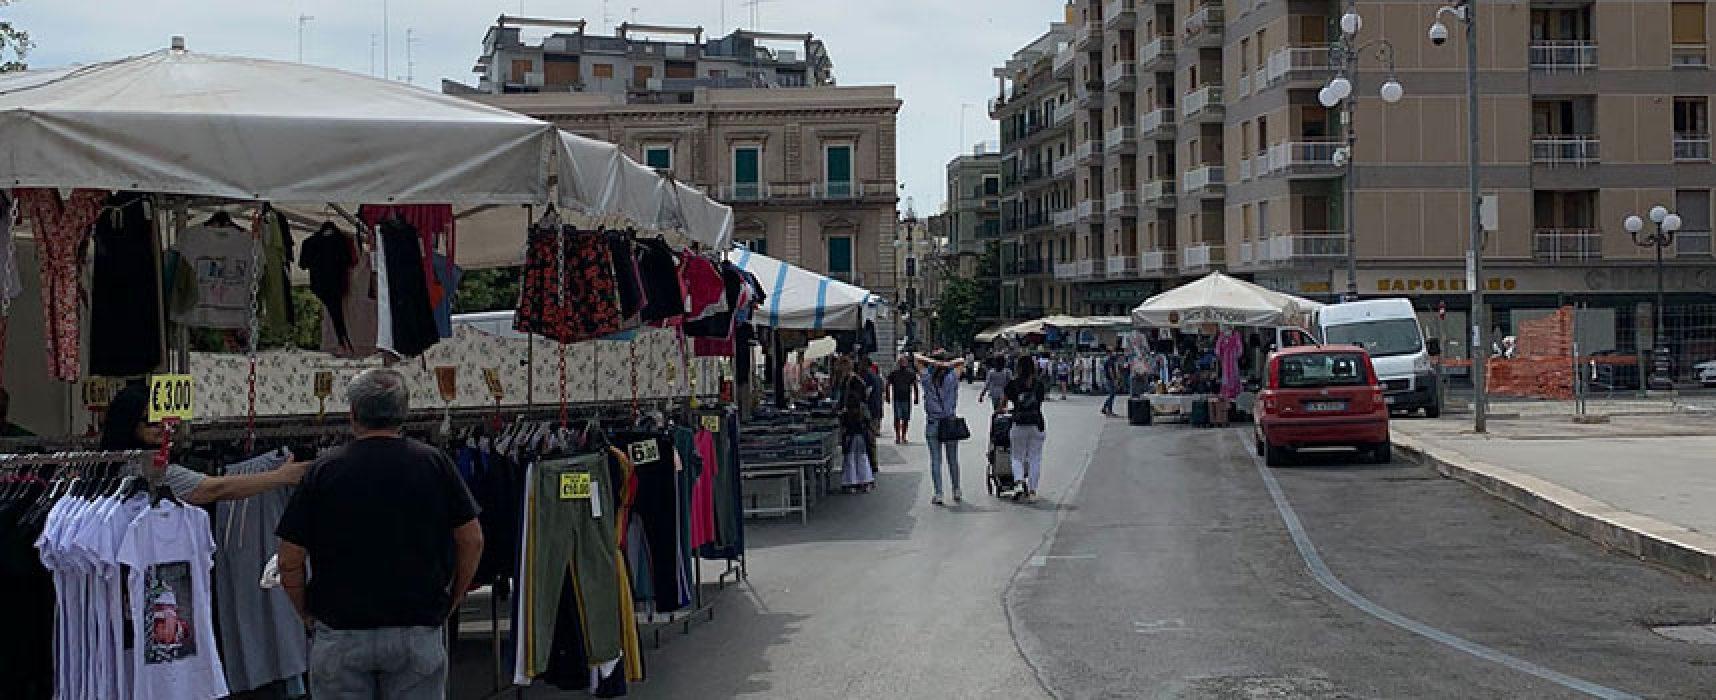 Mercato straordinario in piazza Vittorio Emanuele / Restrizioni a traffico e sosta